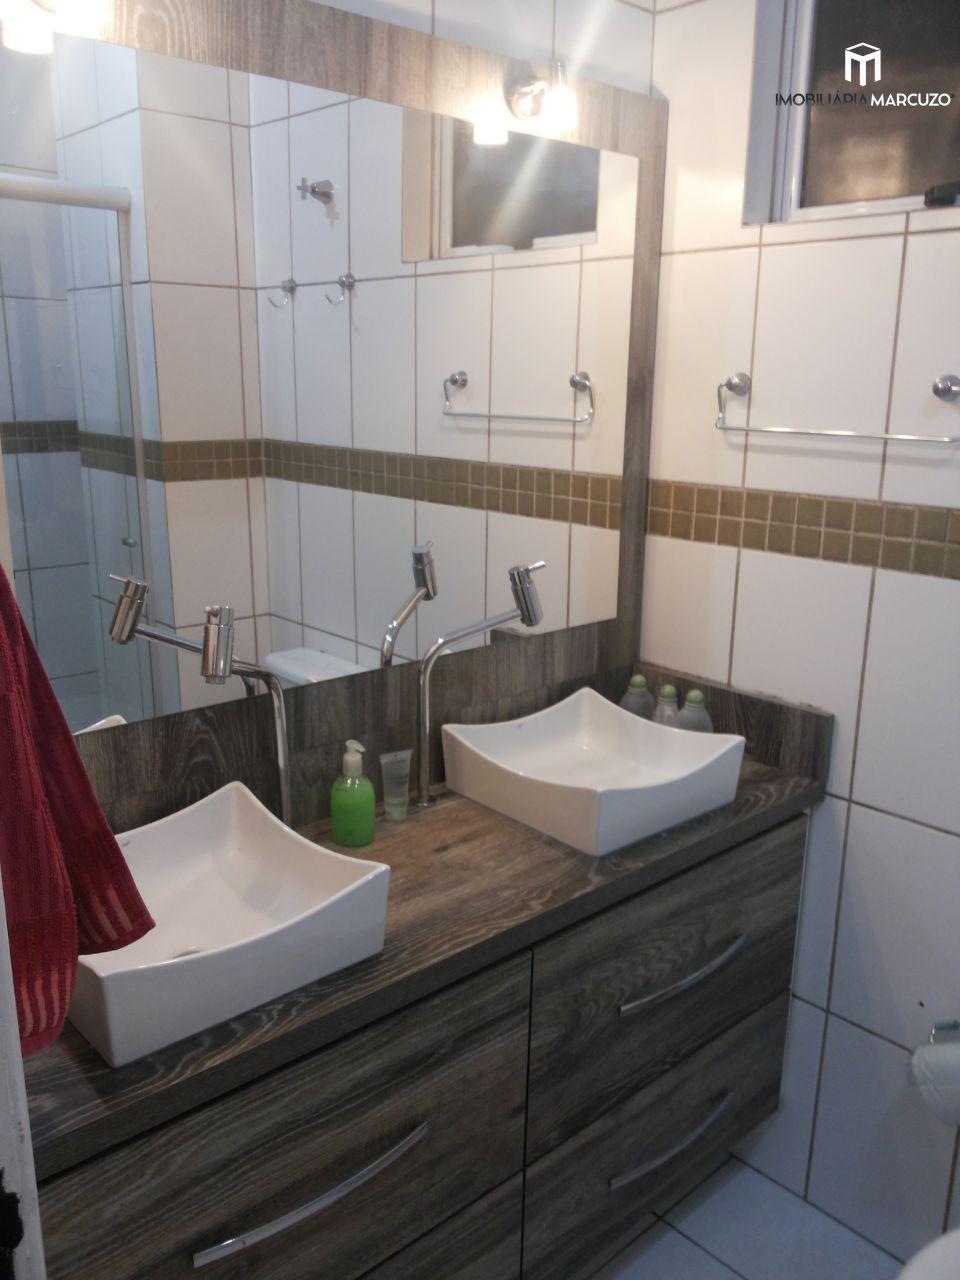 Casa com 3 Dormitórios à venda, 137 m² por R$ 240.000,00